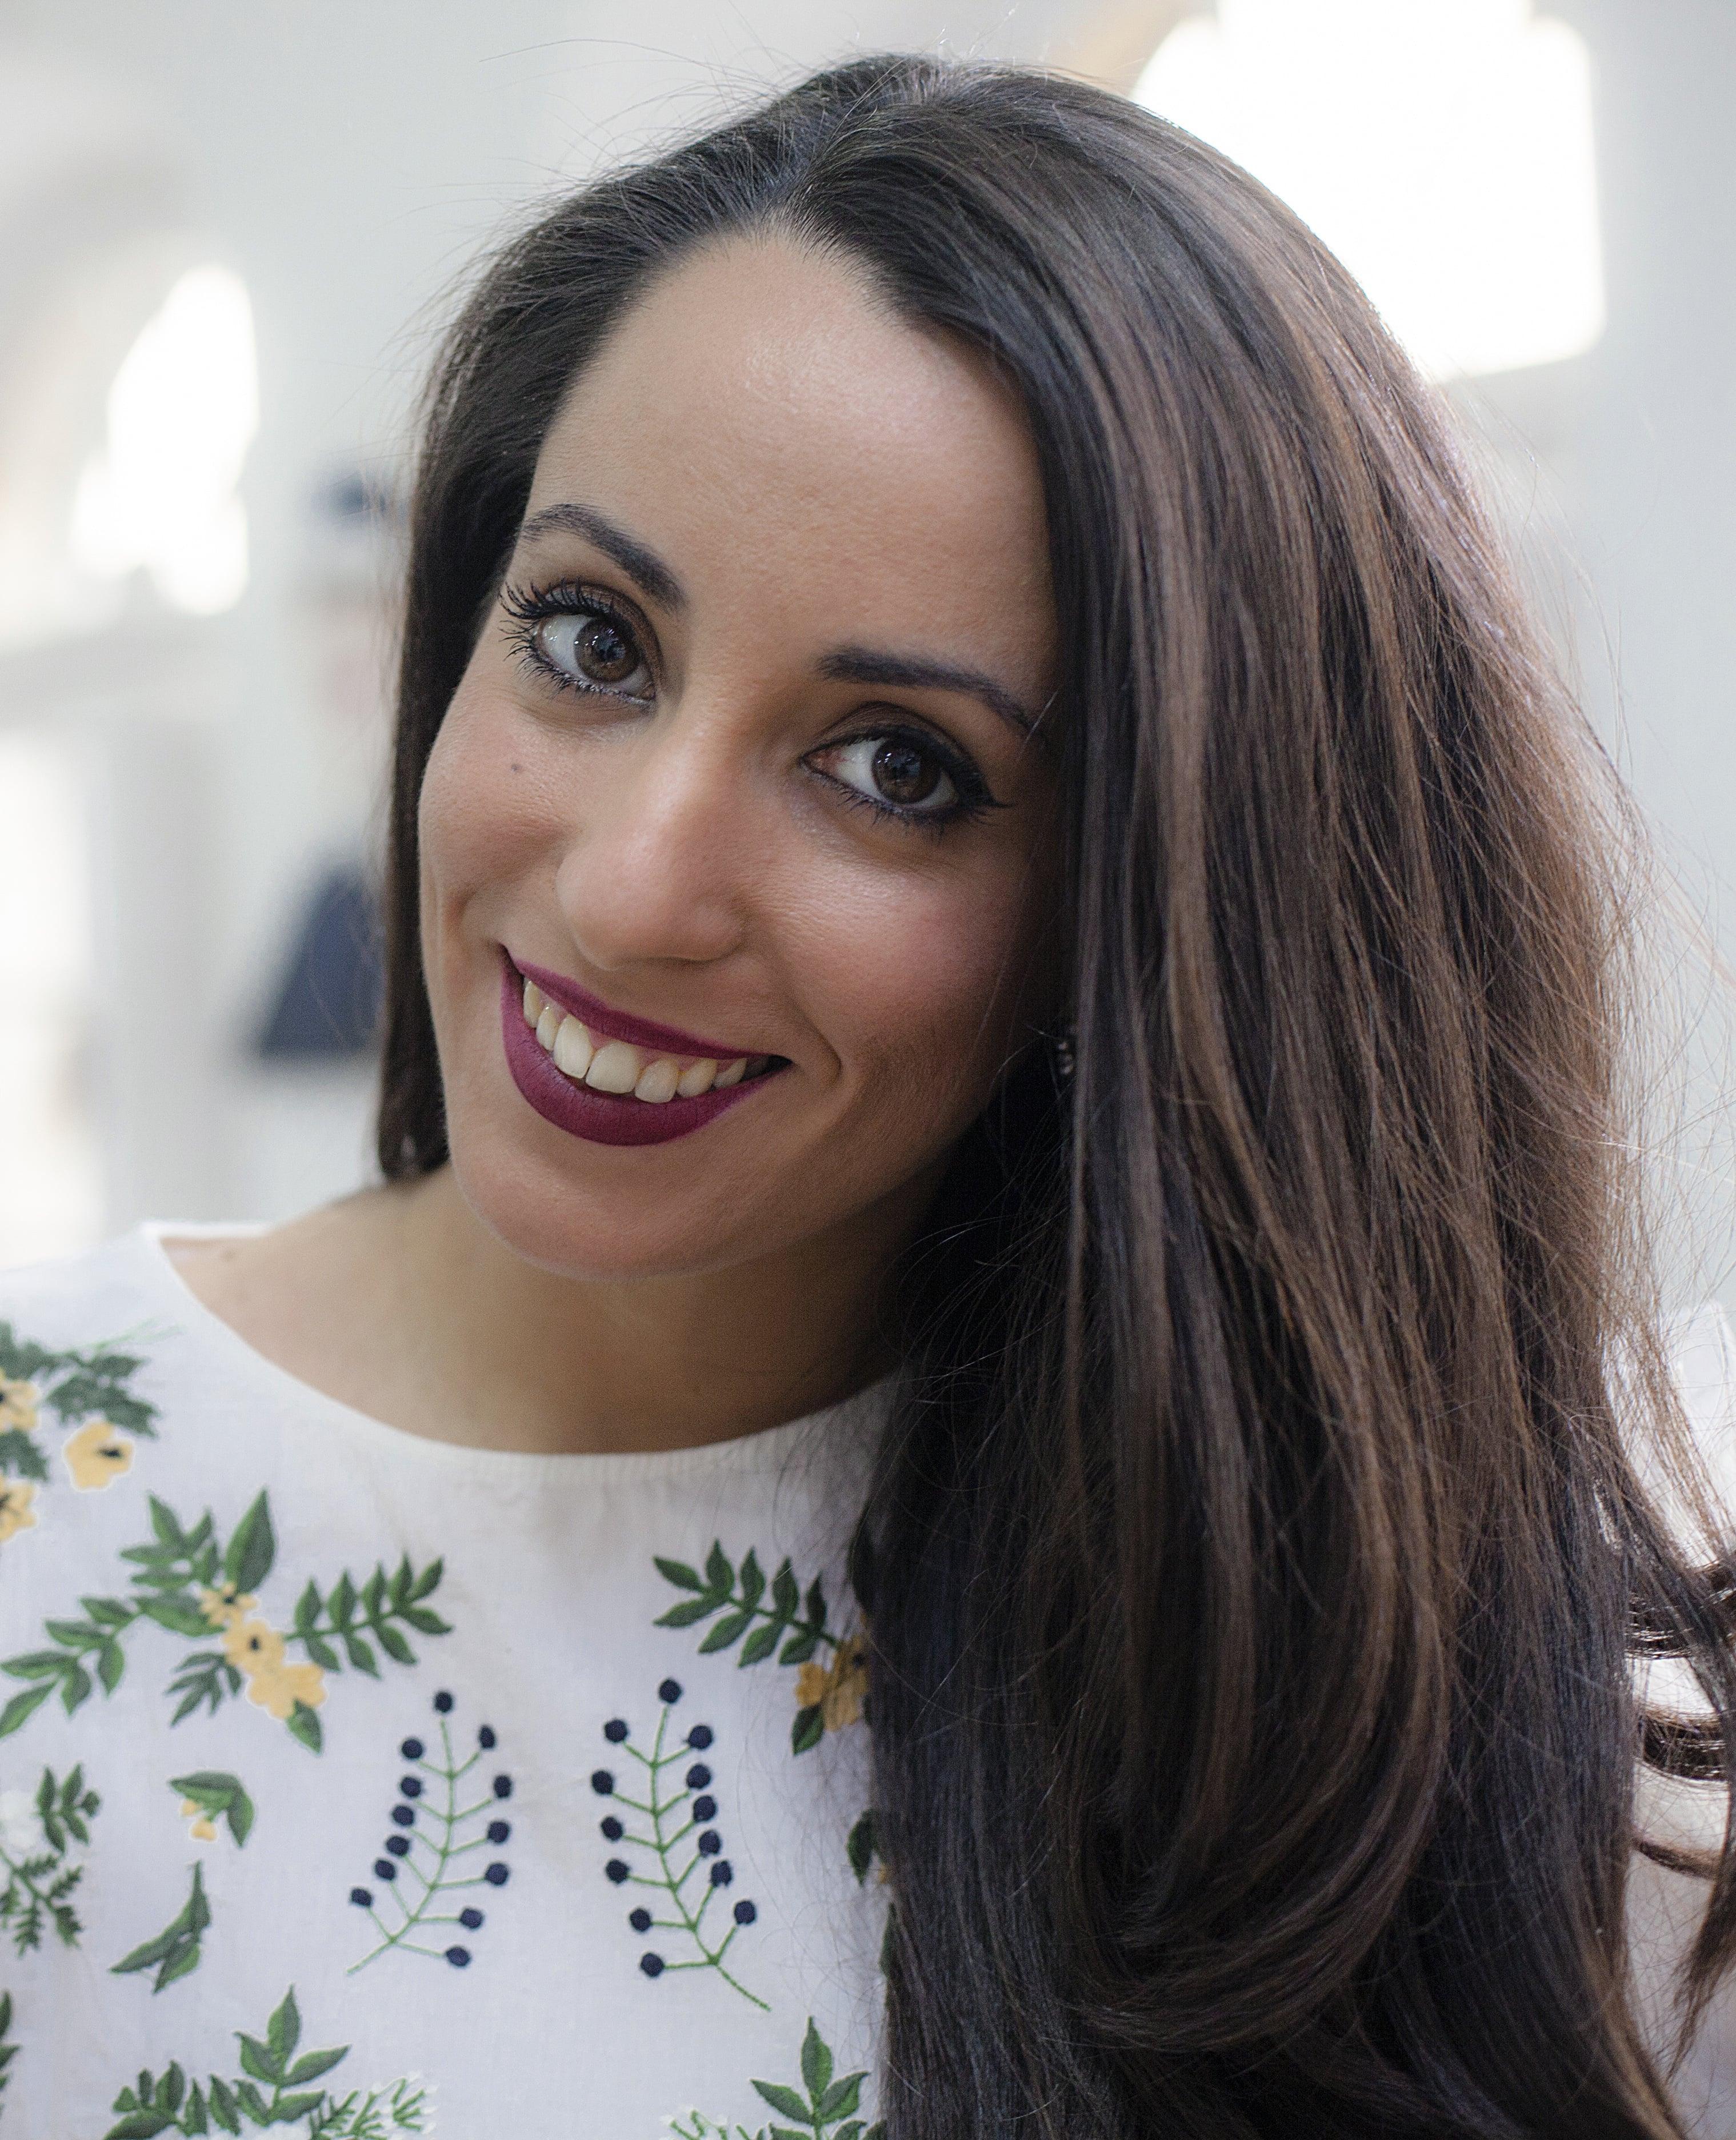 Laura Ondiviela Calvo